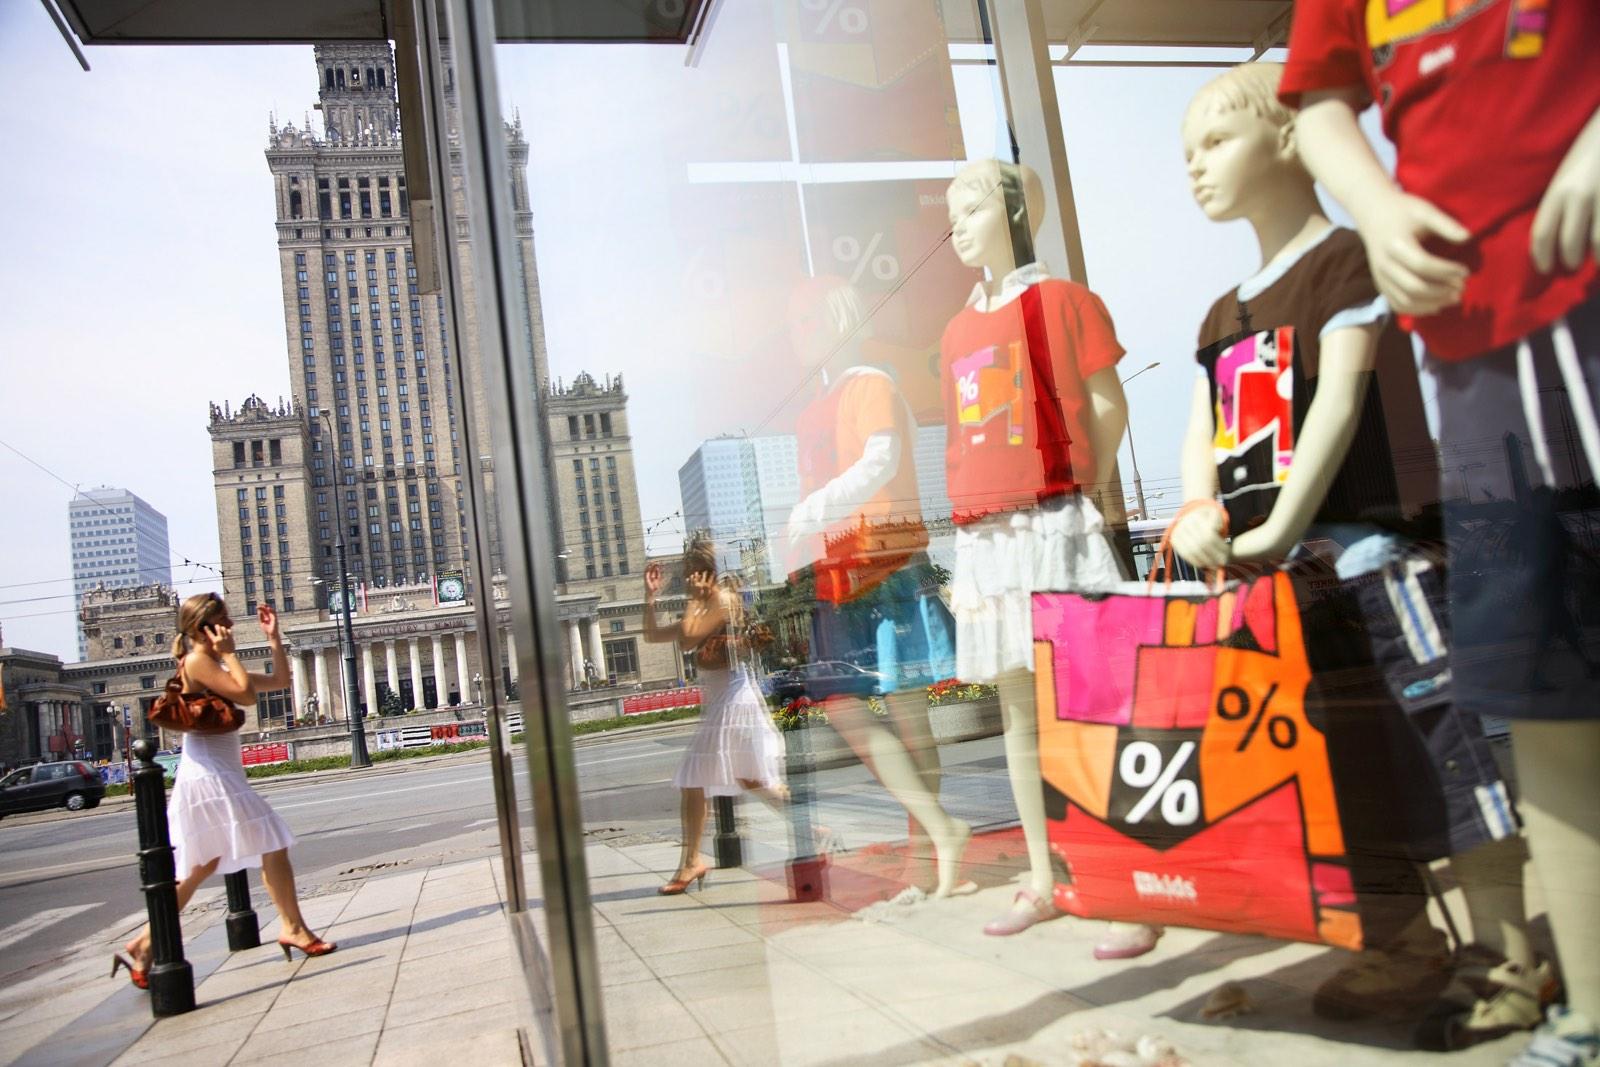 Vrouw steekt over in stad naast etalage winkel